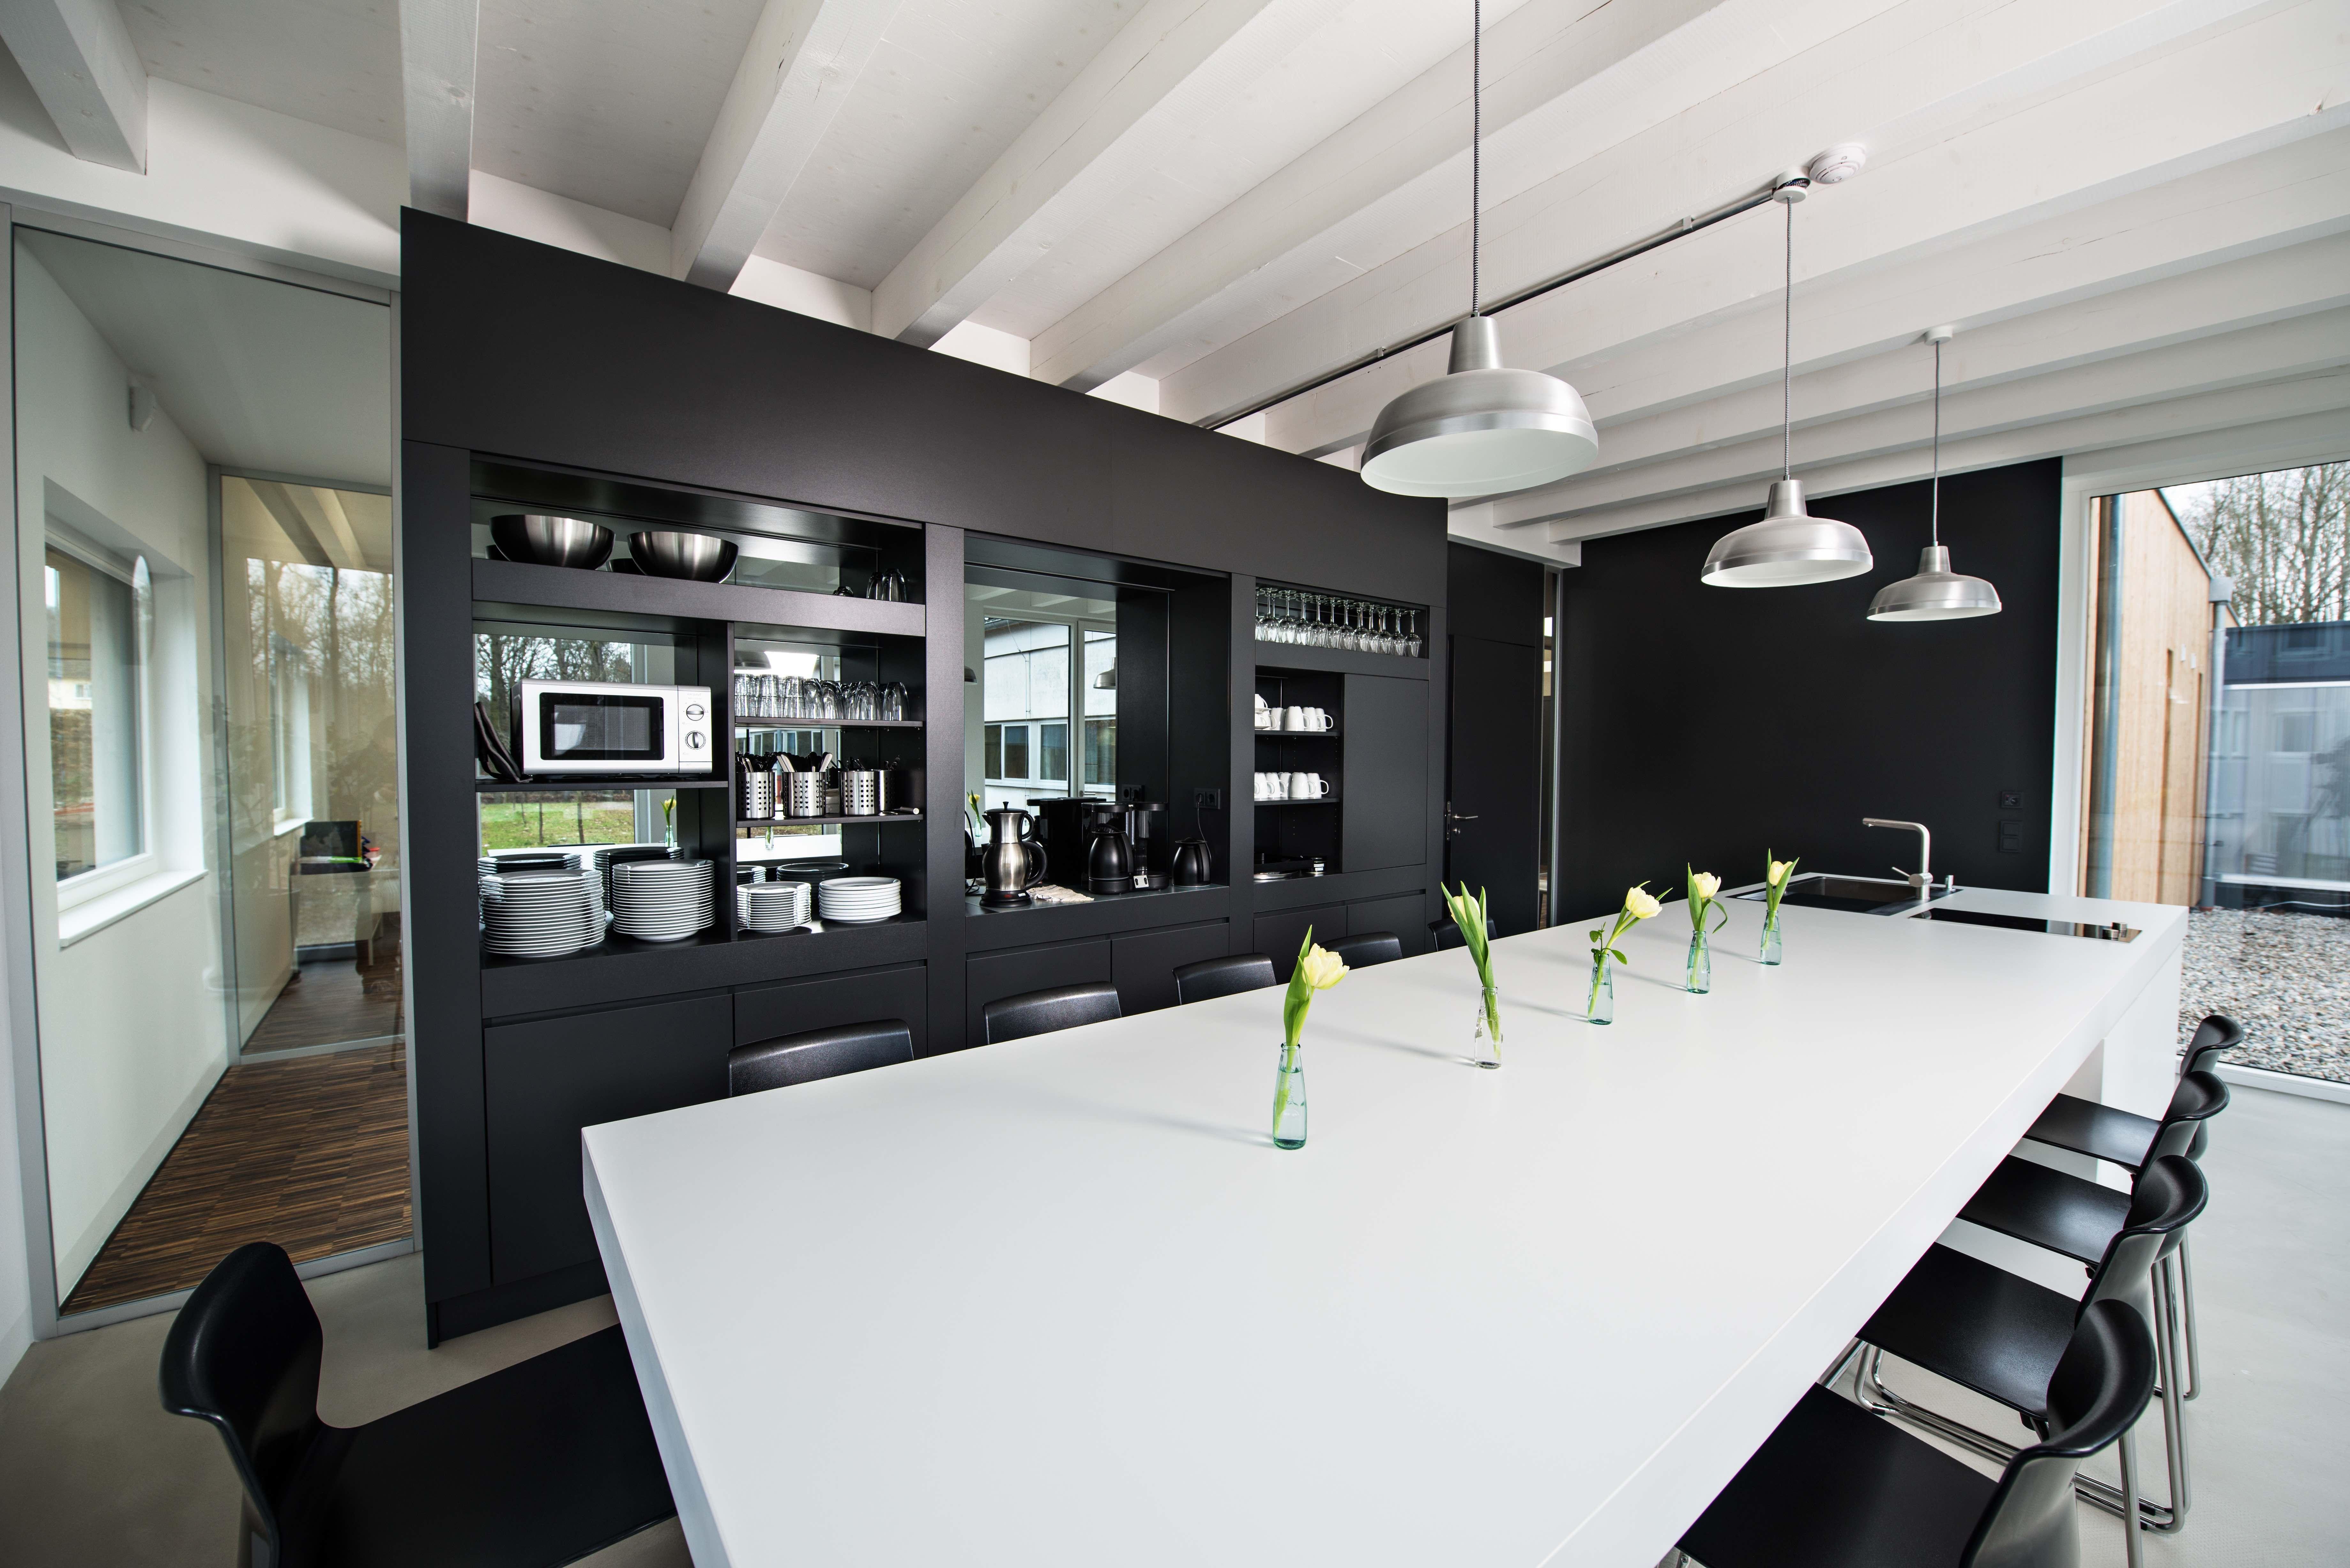 moderne b ro objekt einrichtung in schwarz wei. Black Bedroom Furniture Sets. Home Design Ideas